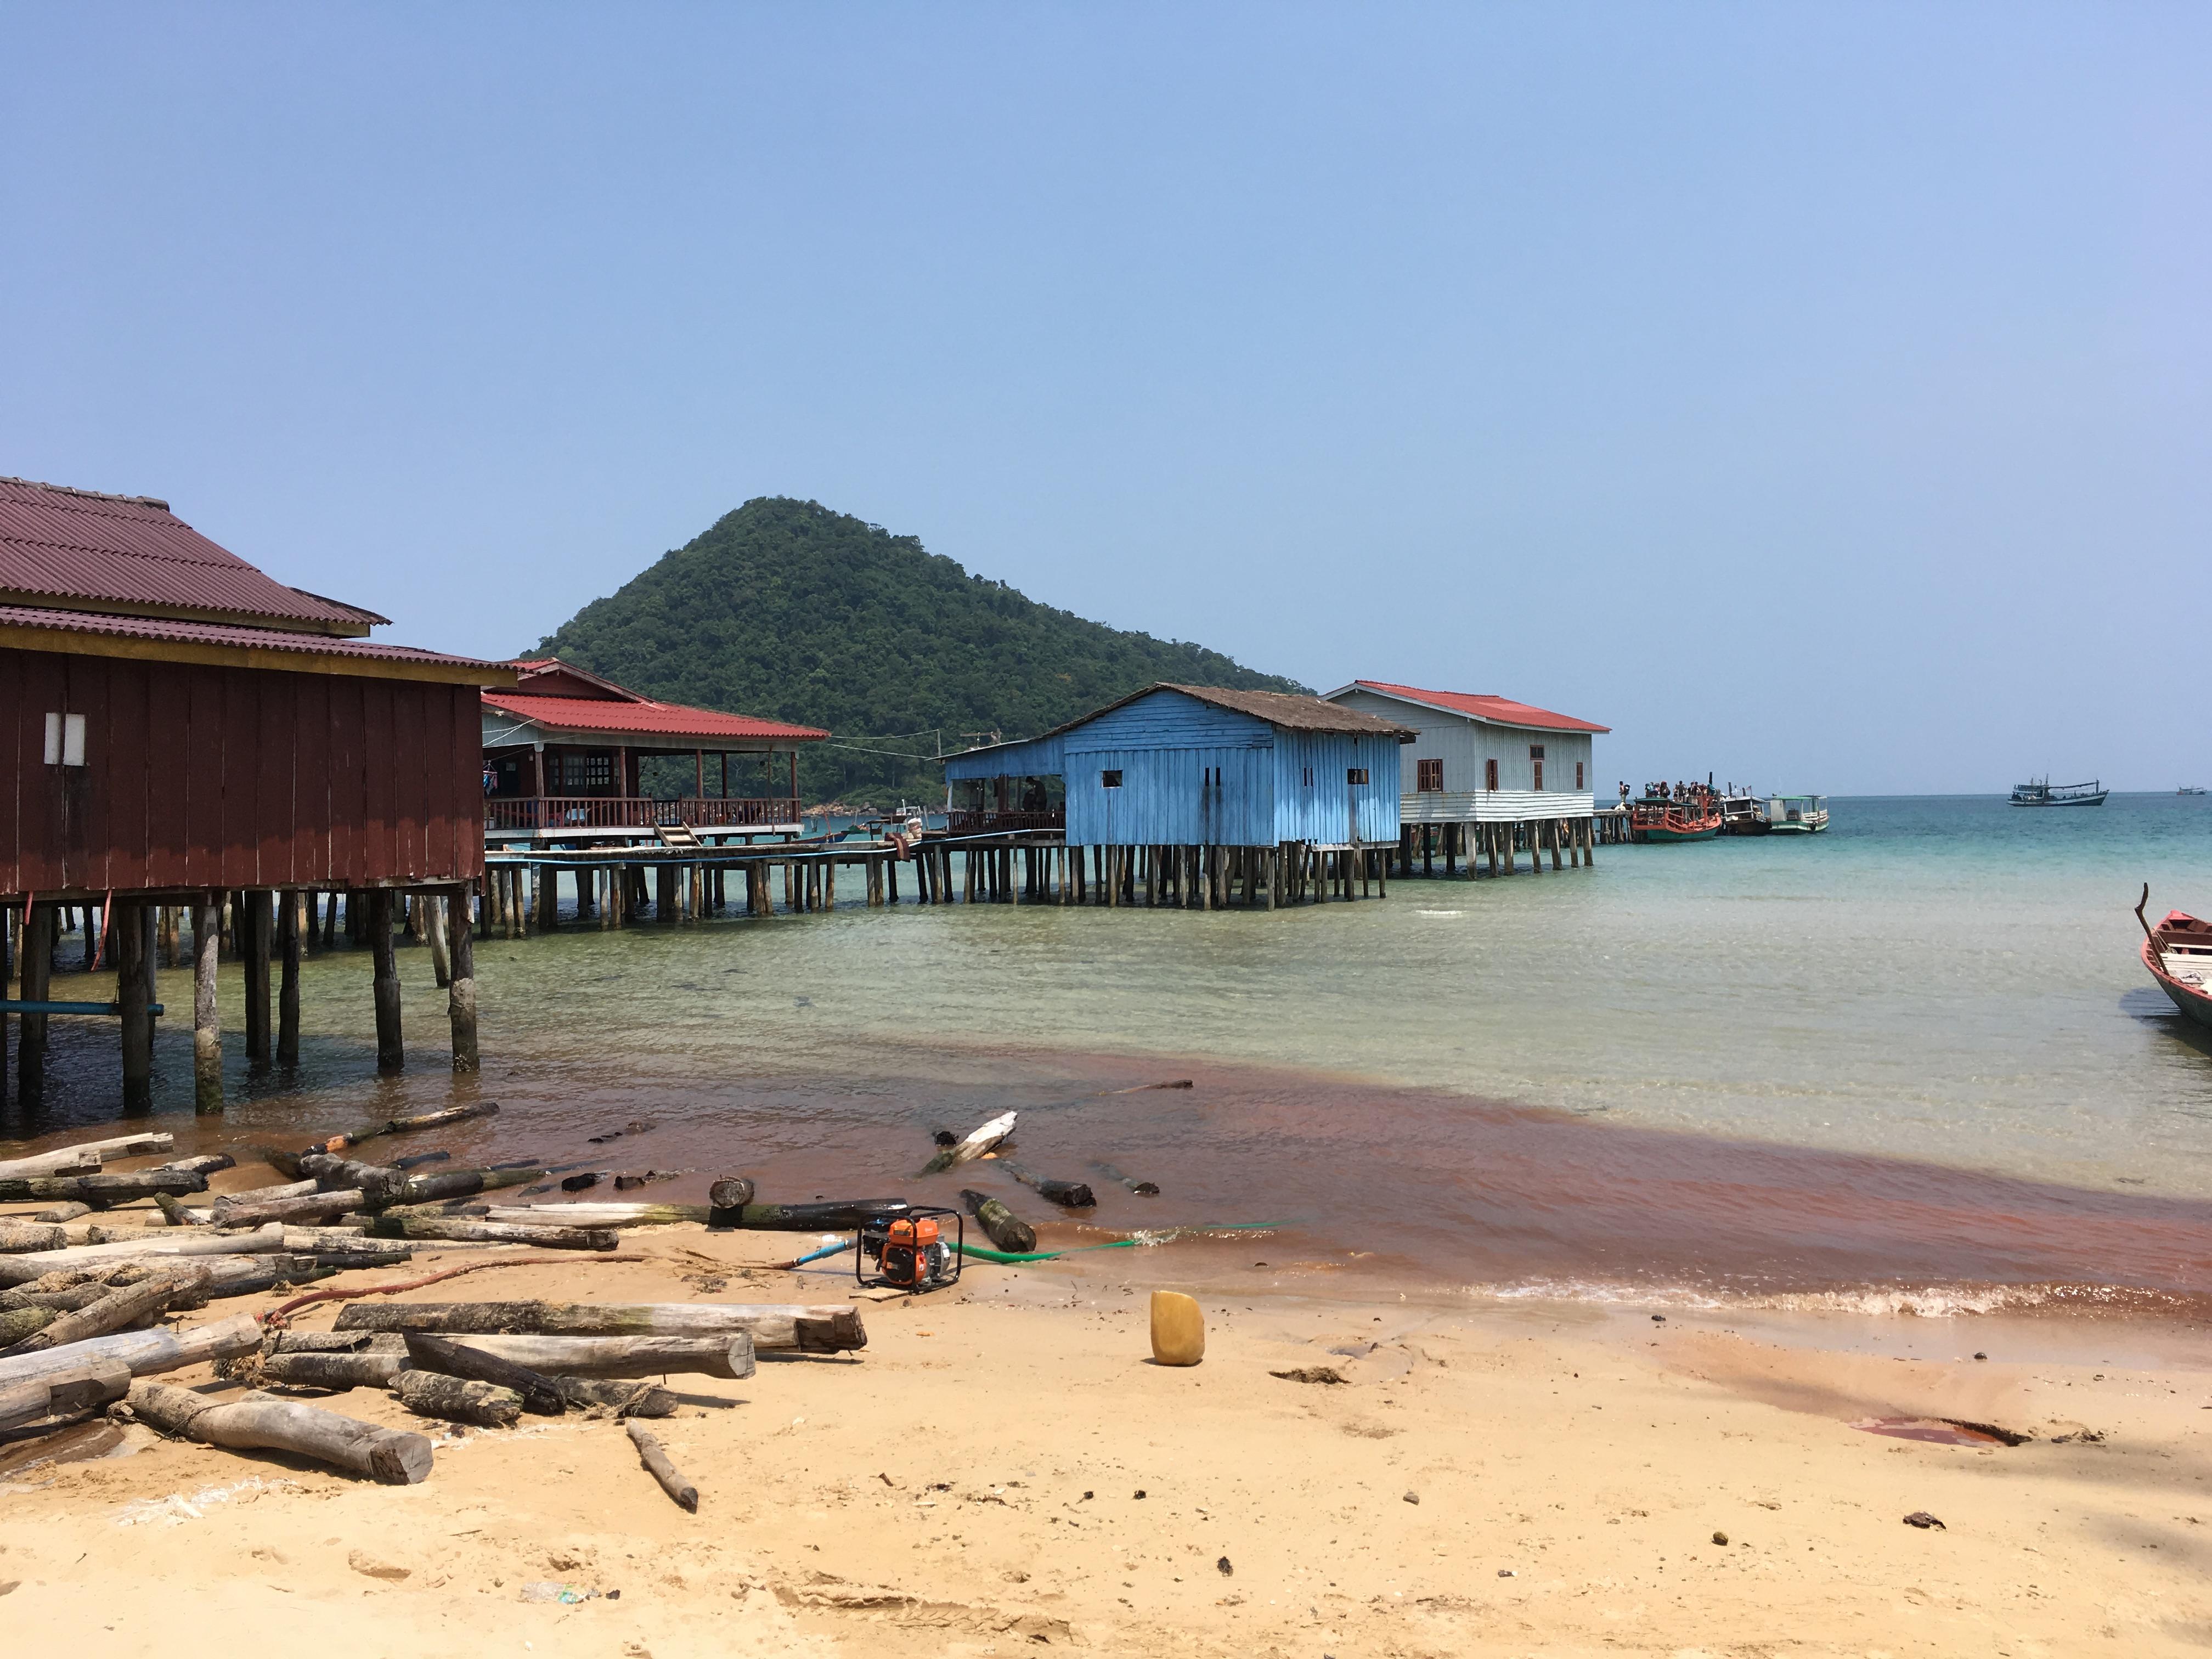 カンボジアの秘境!プノンペンからロンサレム島への行き方まとめます!